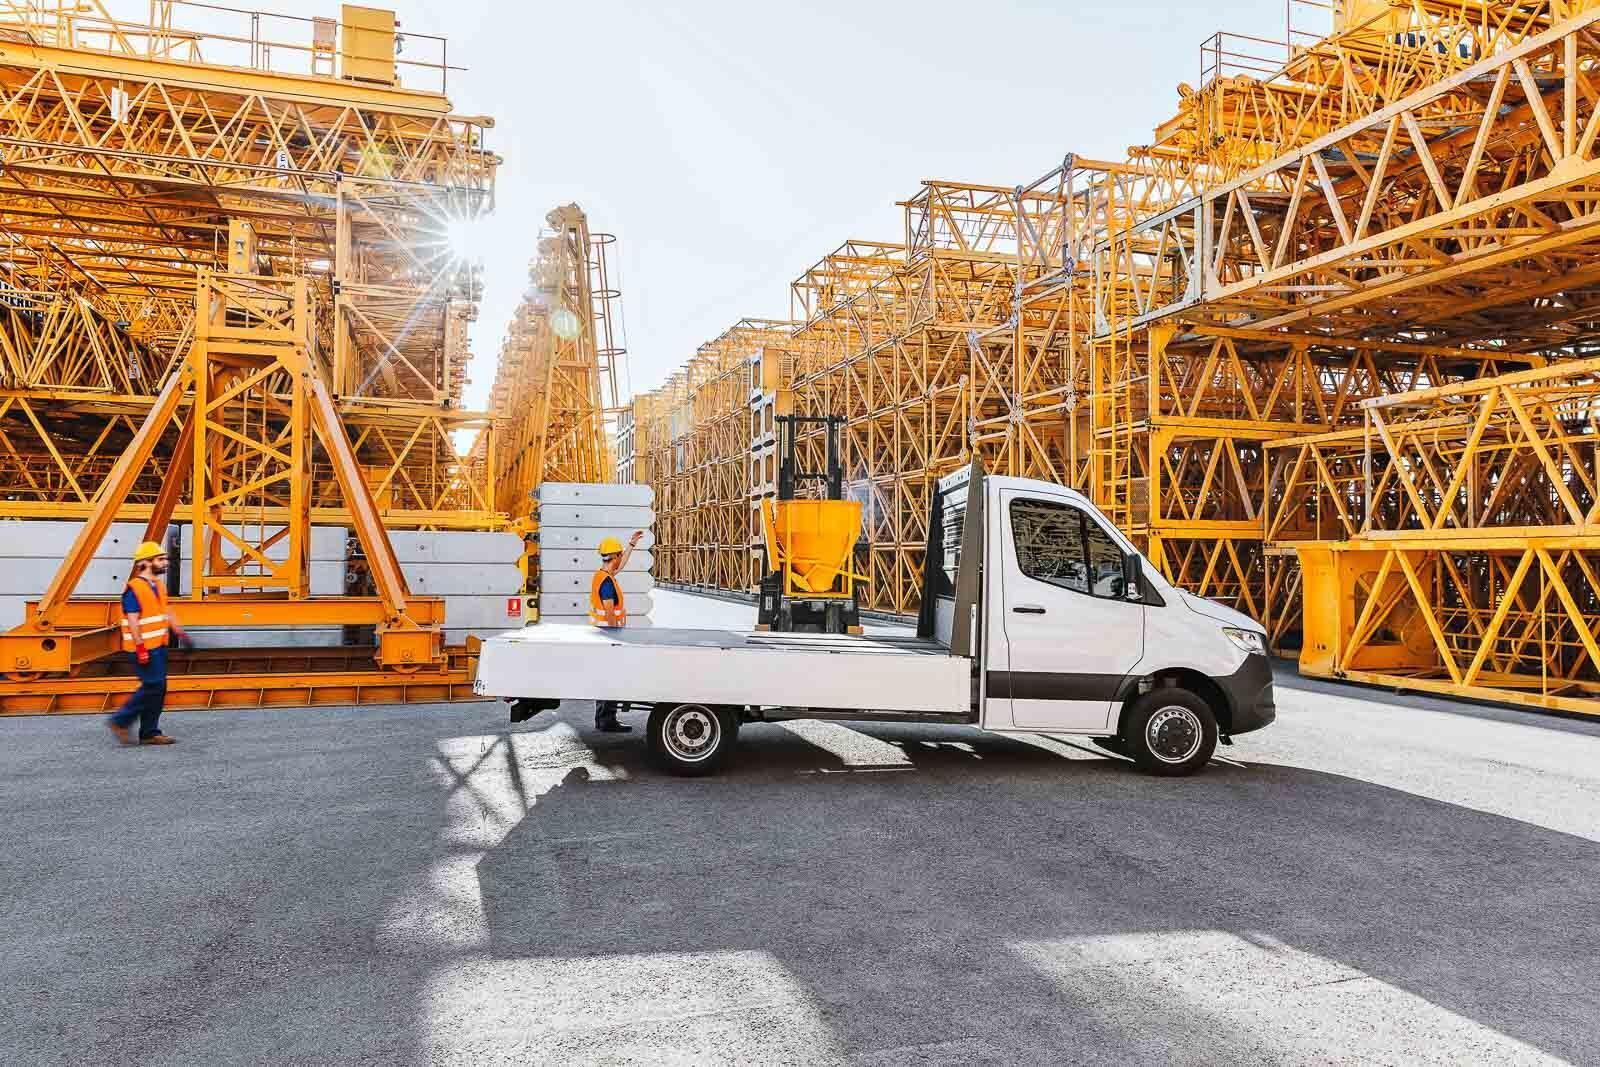 Mercedes-Benz Sprinter 2018 chính thức ra mắt: cỗ máy công nghệ và kết nối - Hình 3